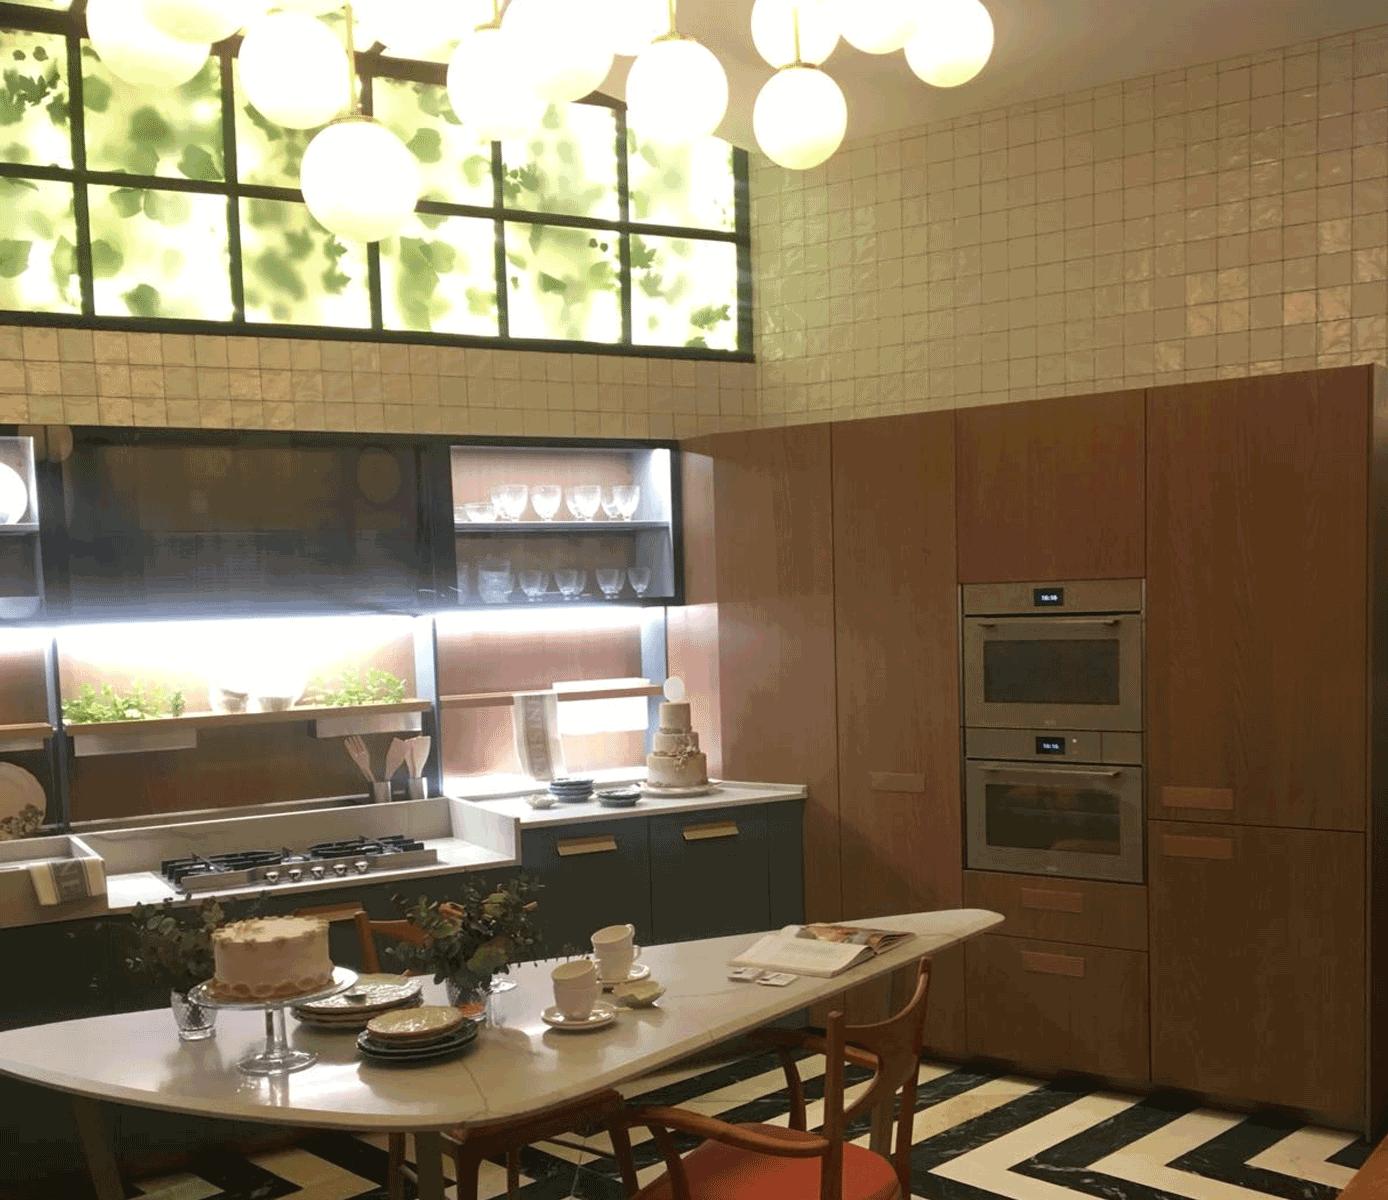 Excepcional Mejor Marca De Electrodomésticos De Cocina 2018 ...